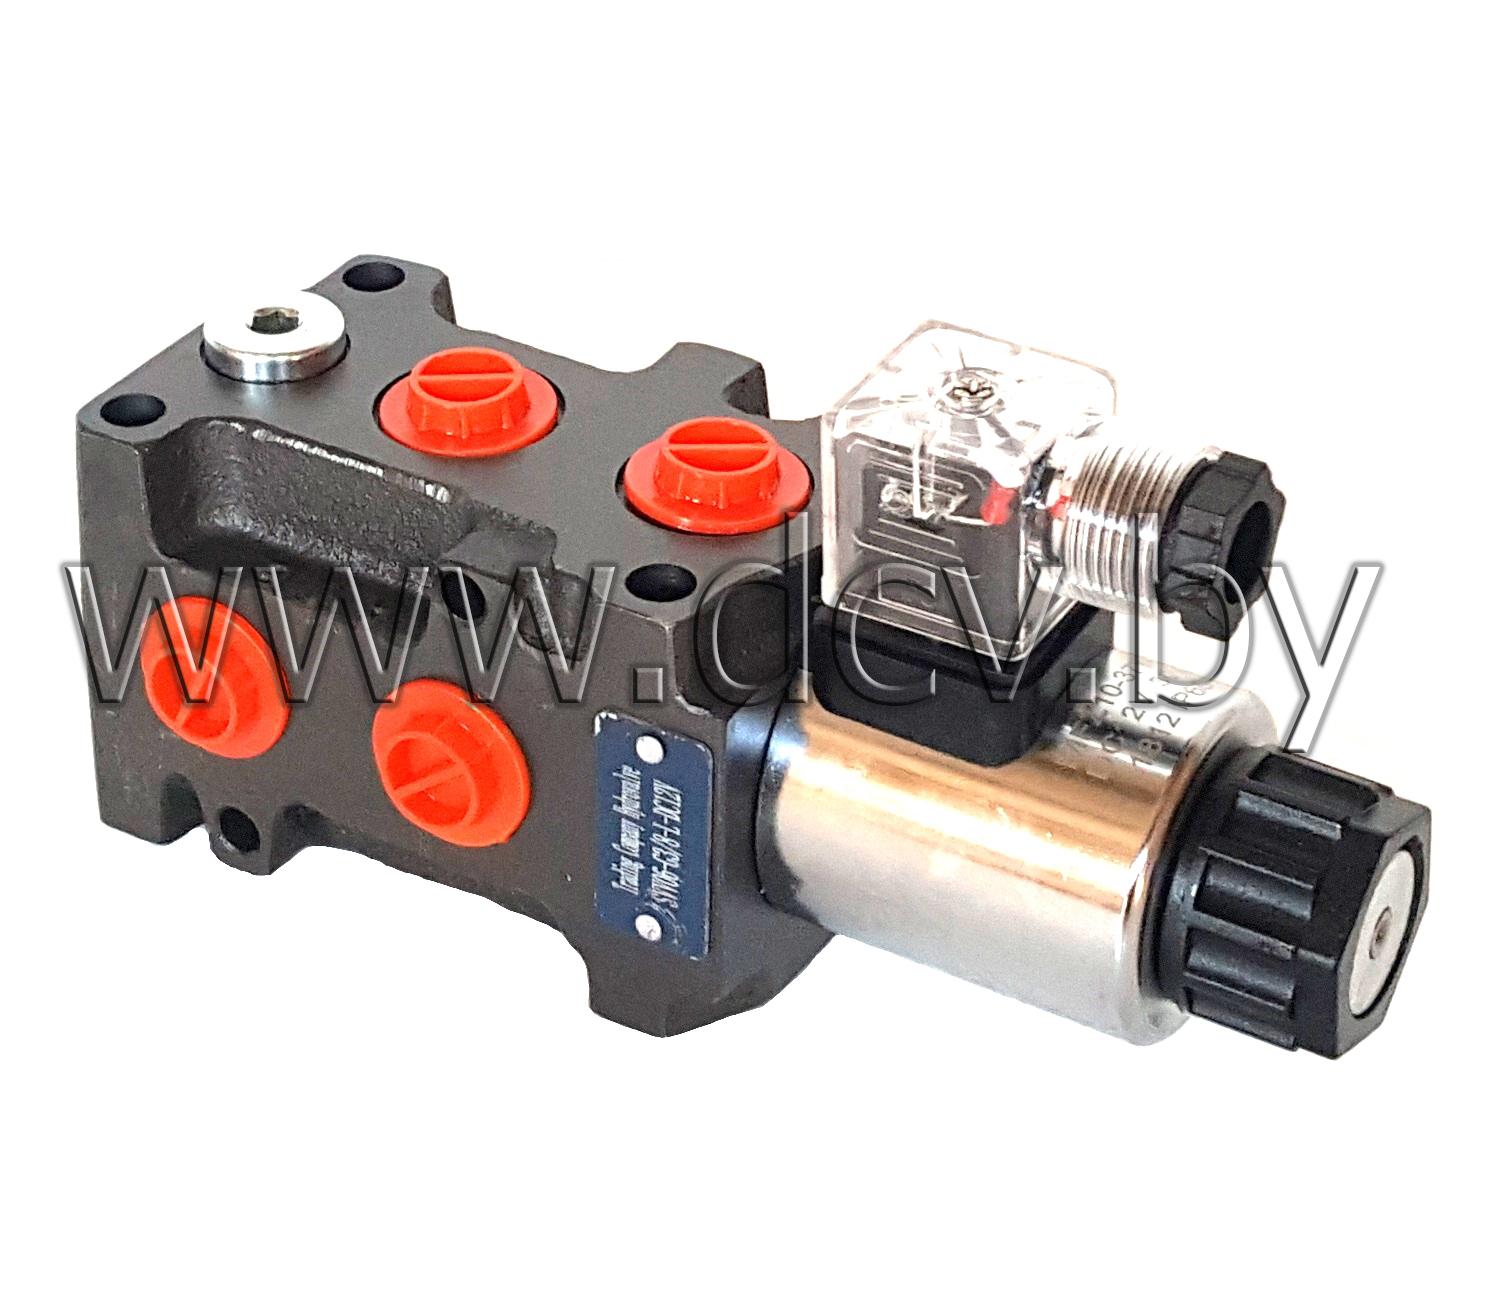 Купить дивертор электромагнитный DVS6-6/2 в Минске